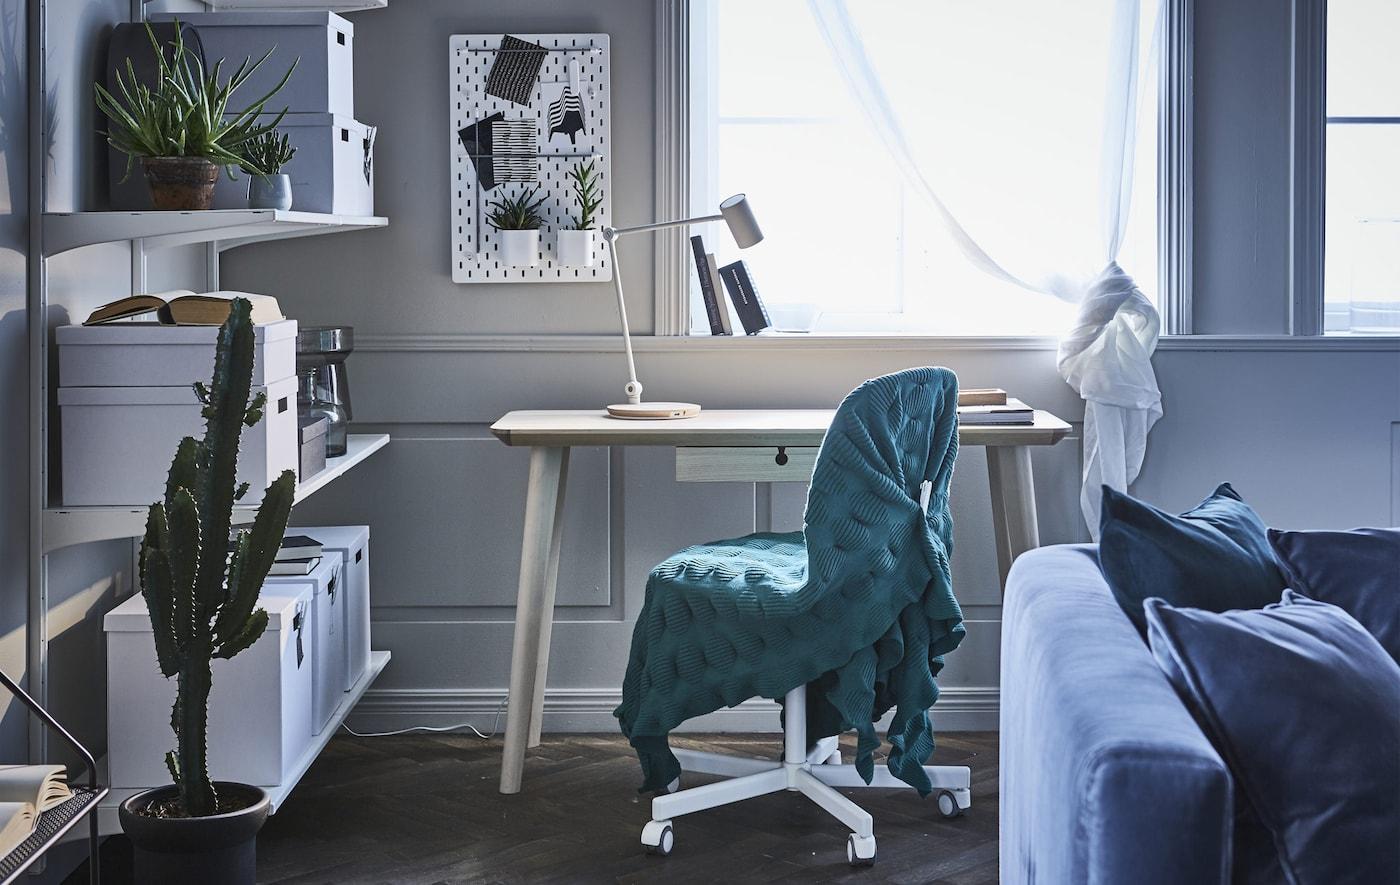 Arbeitsplatz im Wohnzimmer einrichten – IKEA IKEA